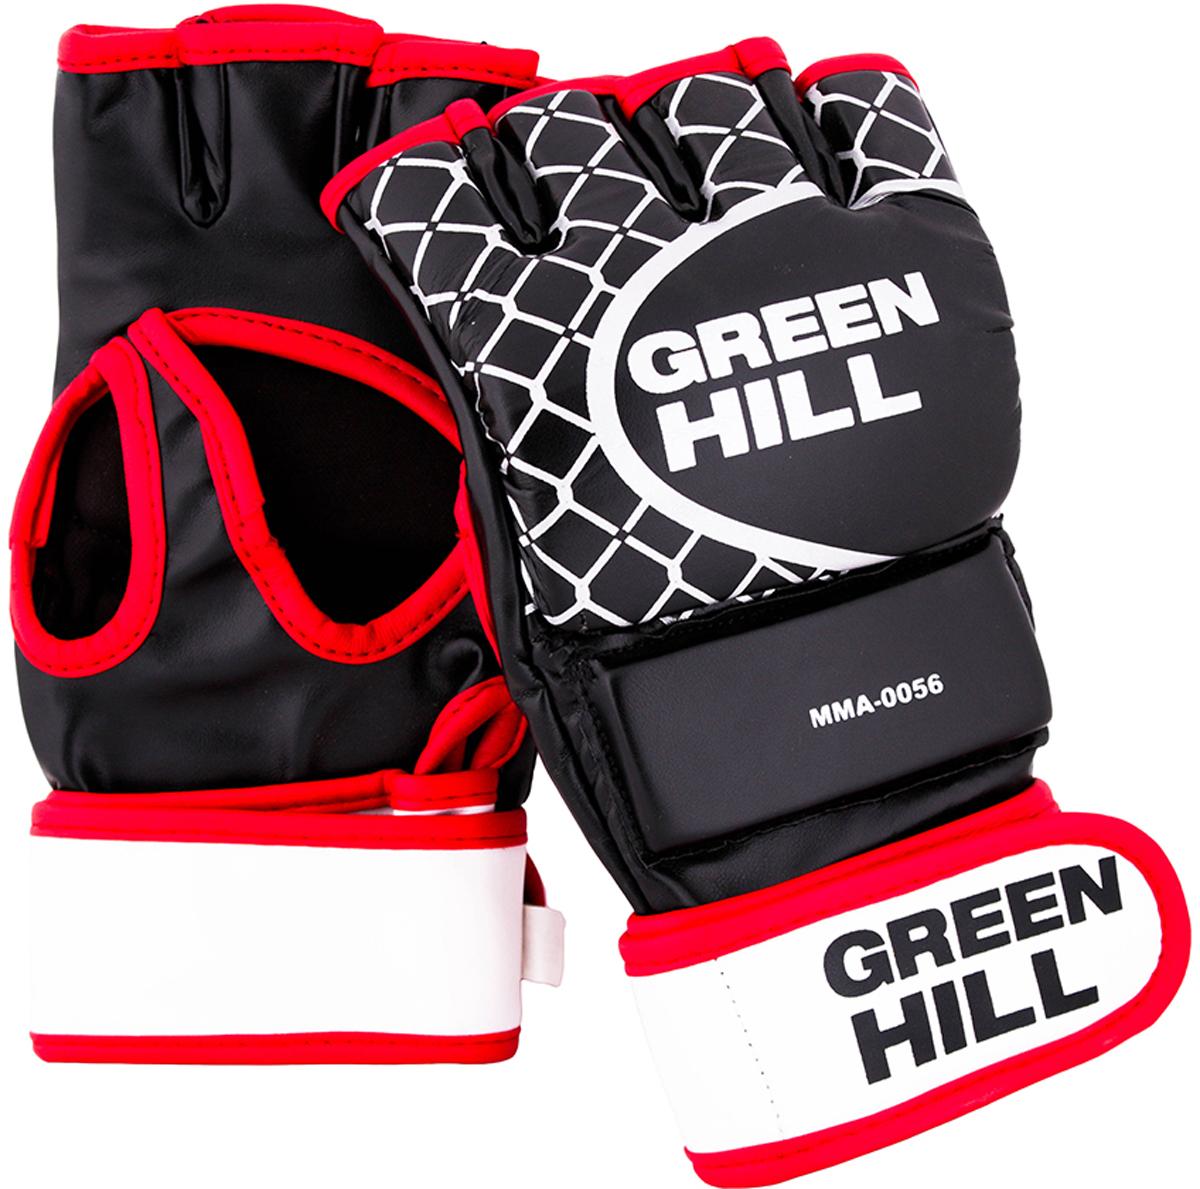 Перчатки для единоборств Green Hill ММА, цвет: черный. MMA-0056. Размер MMMA-0056Перчатки для боев без правил и грэплинга Green Hill ММА выполнены из искусственной кожи. Благодаря утолщению на кулаке и открытым пальцам, подходят как для ударов, так и для захватов. В перчатках можно выступать на соревнованиях и использовать во время тренировок.